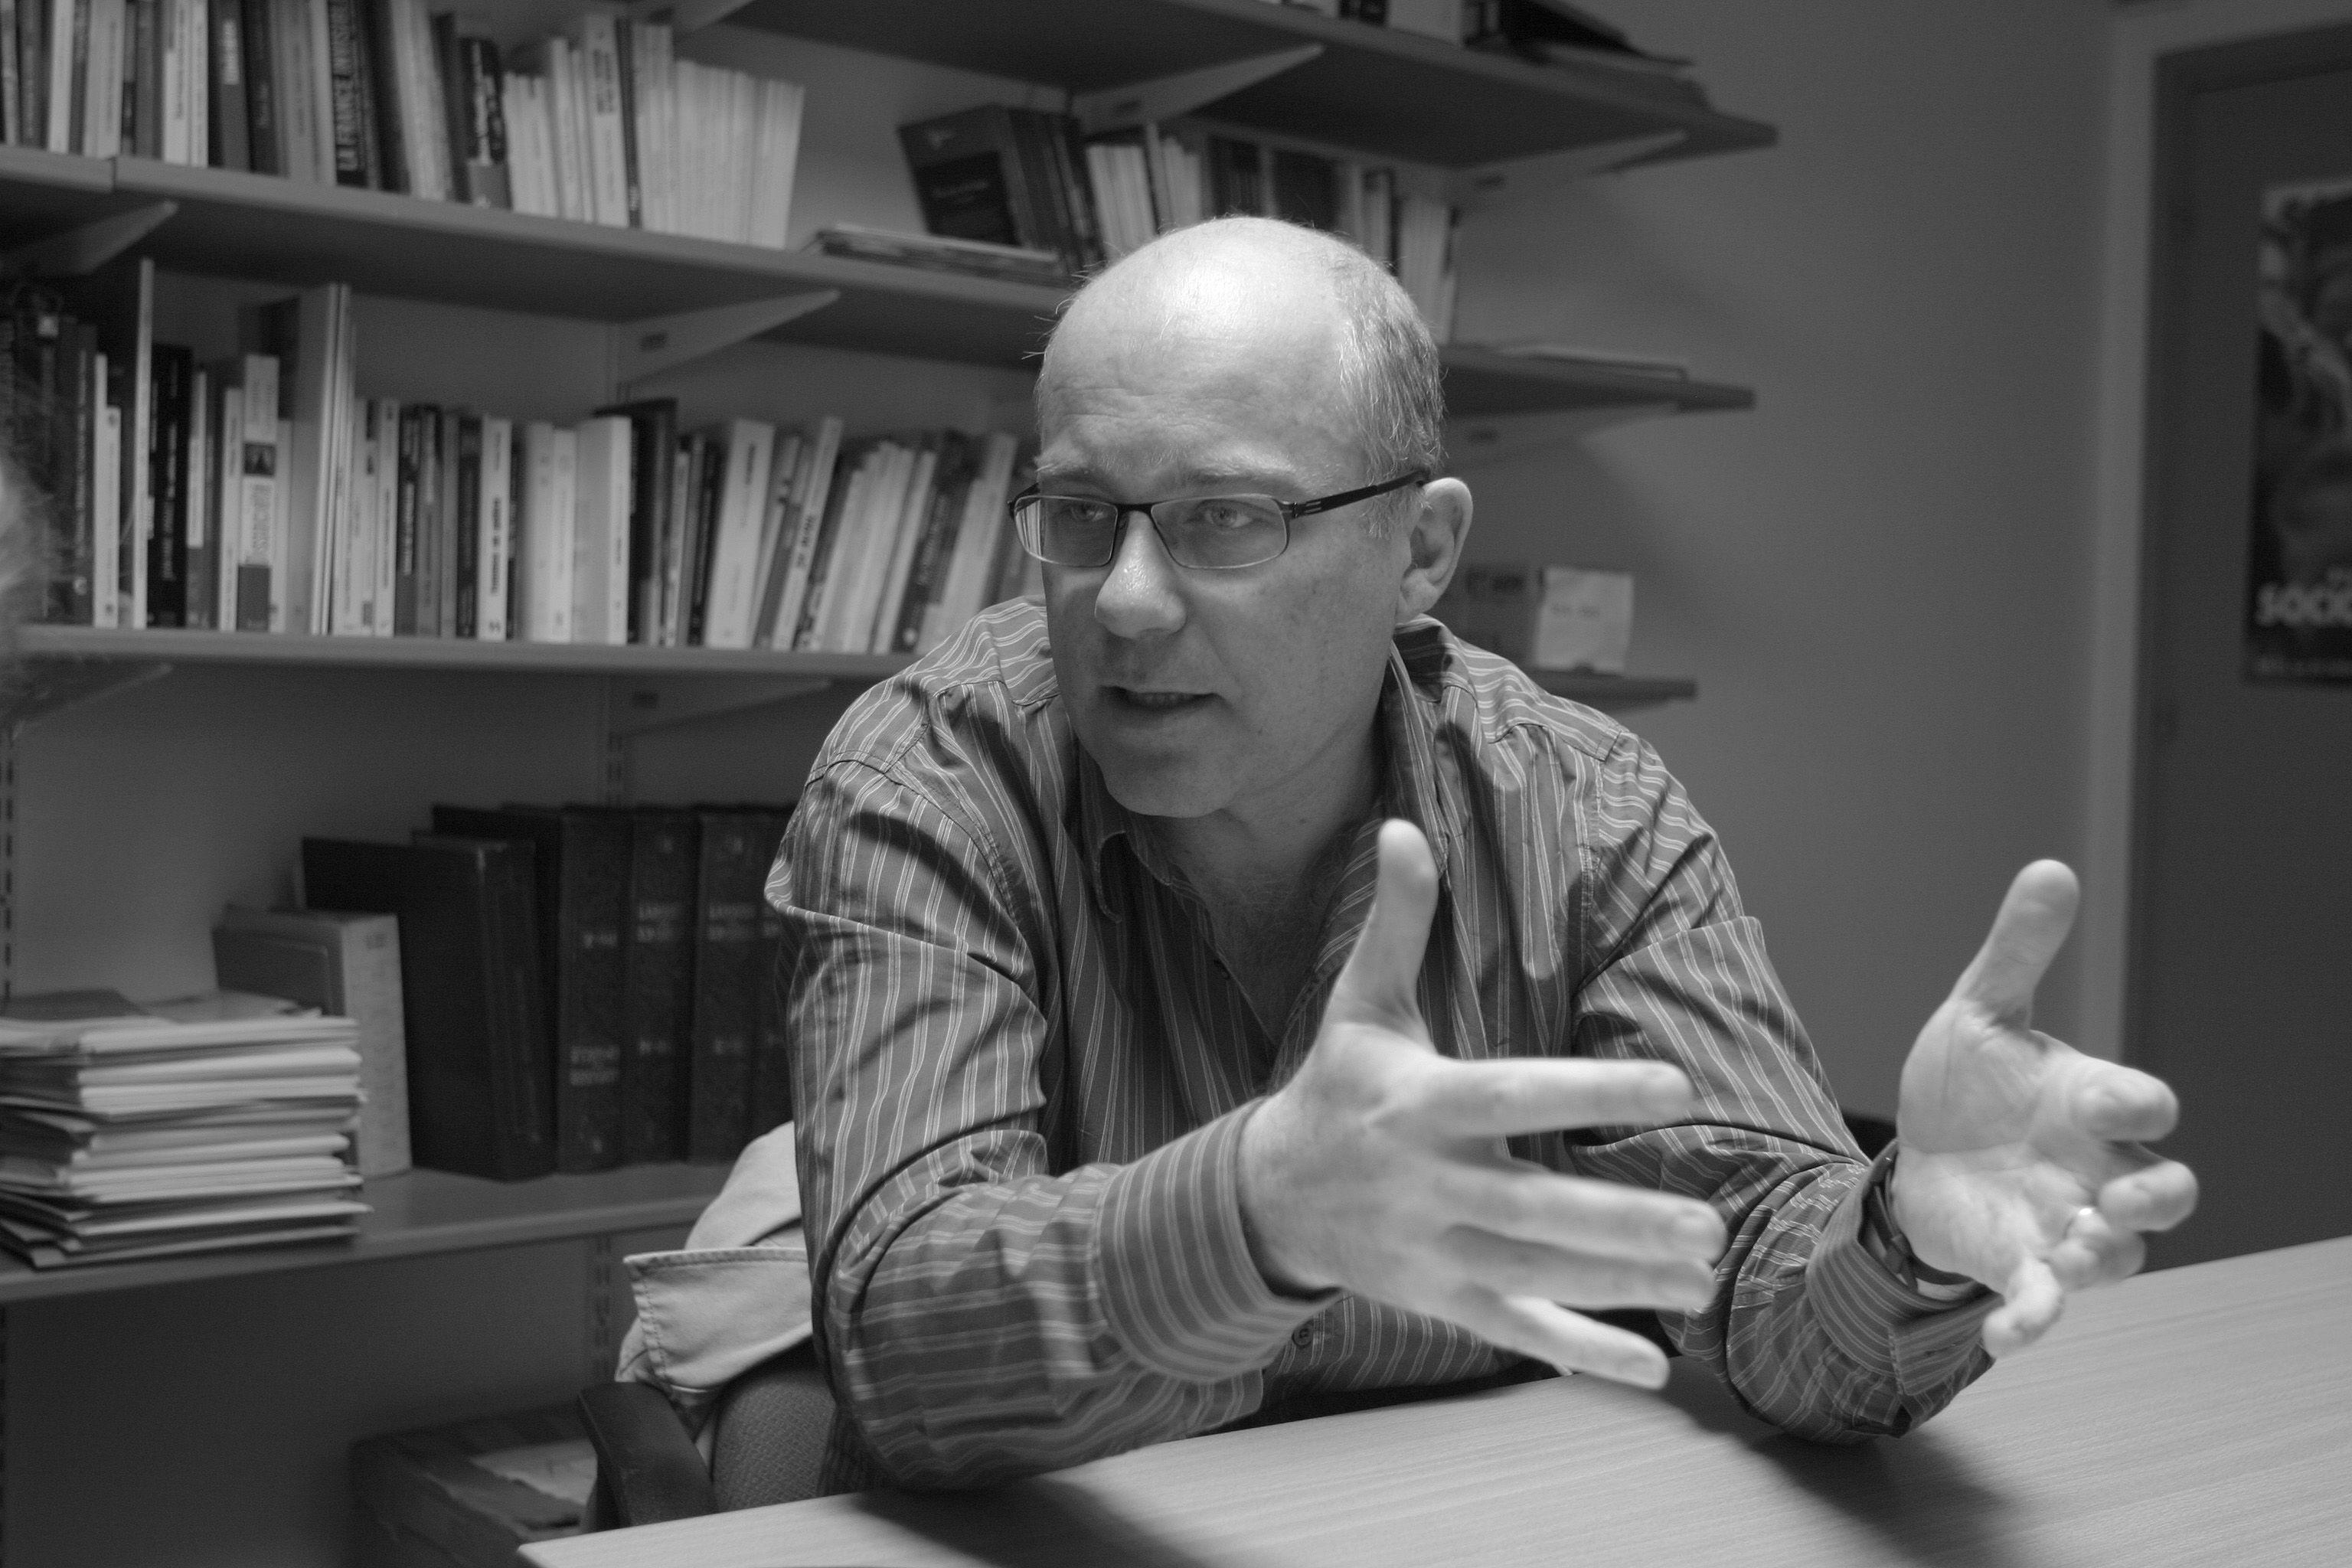 Hélène Jouan reçoit Bastien François directeur du département de science politique de l'université Paris Panthéon-Sorbonne et conseiller régional EELV.